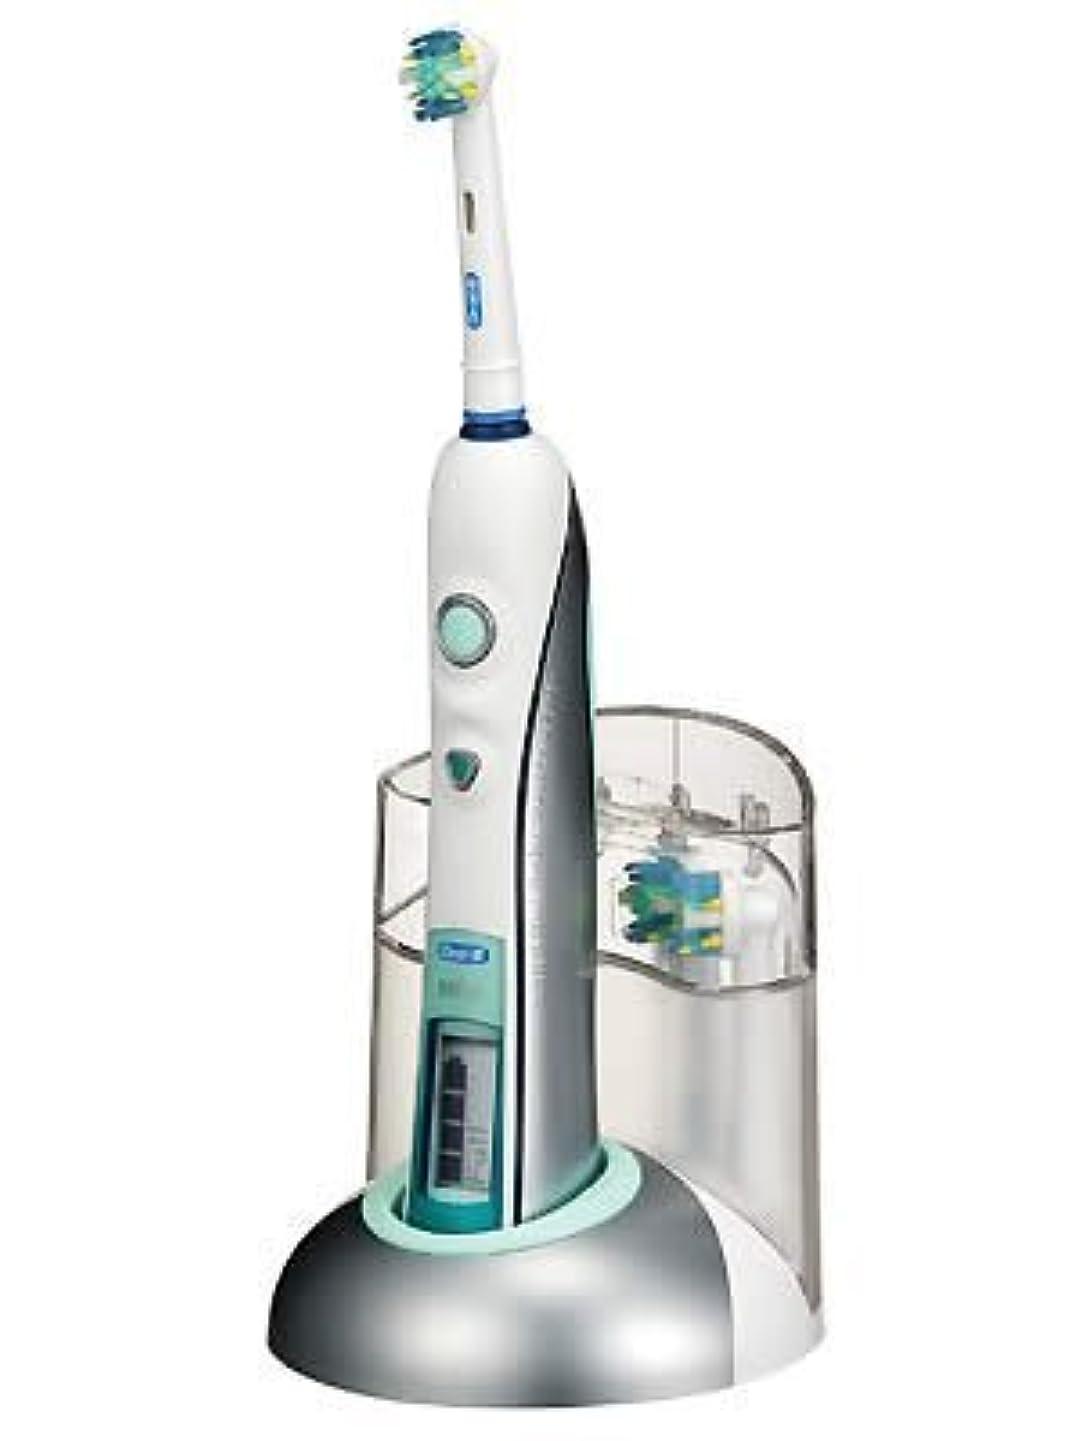 協力する儀式以来ブラウン オーラルB 電動歯ブラシ デンタプライド D25 516 3